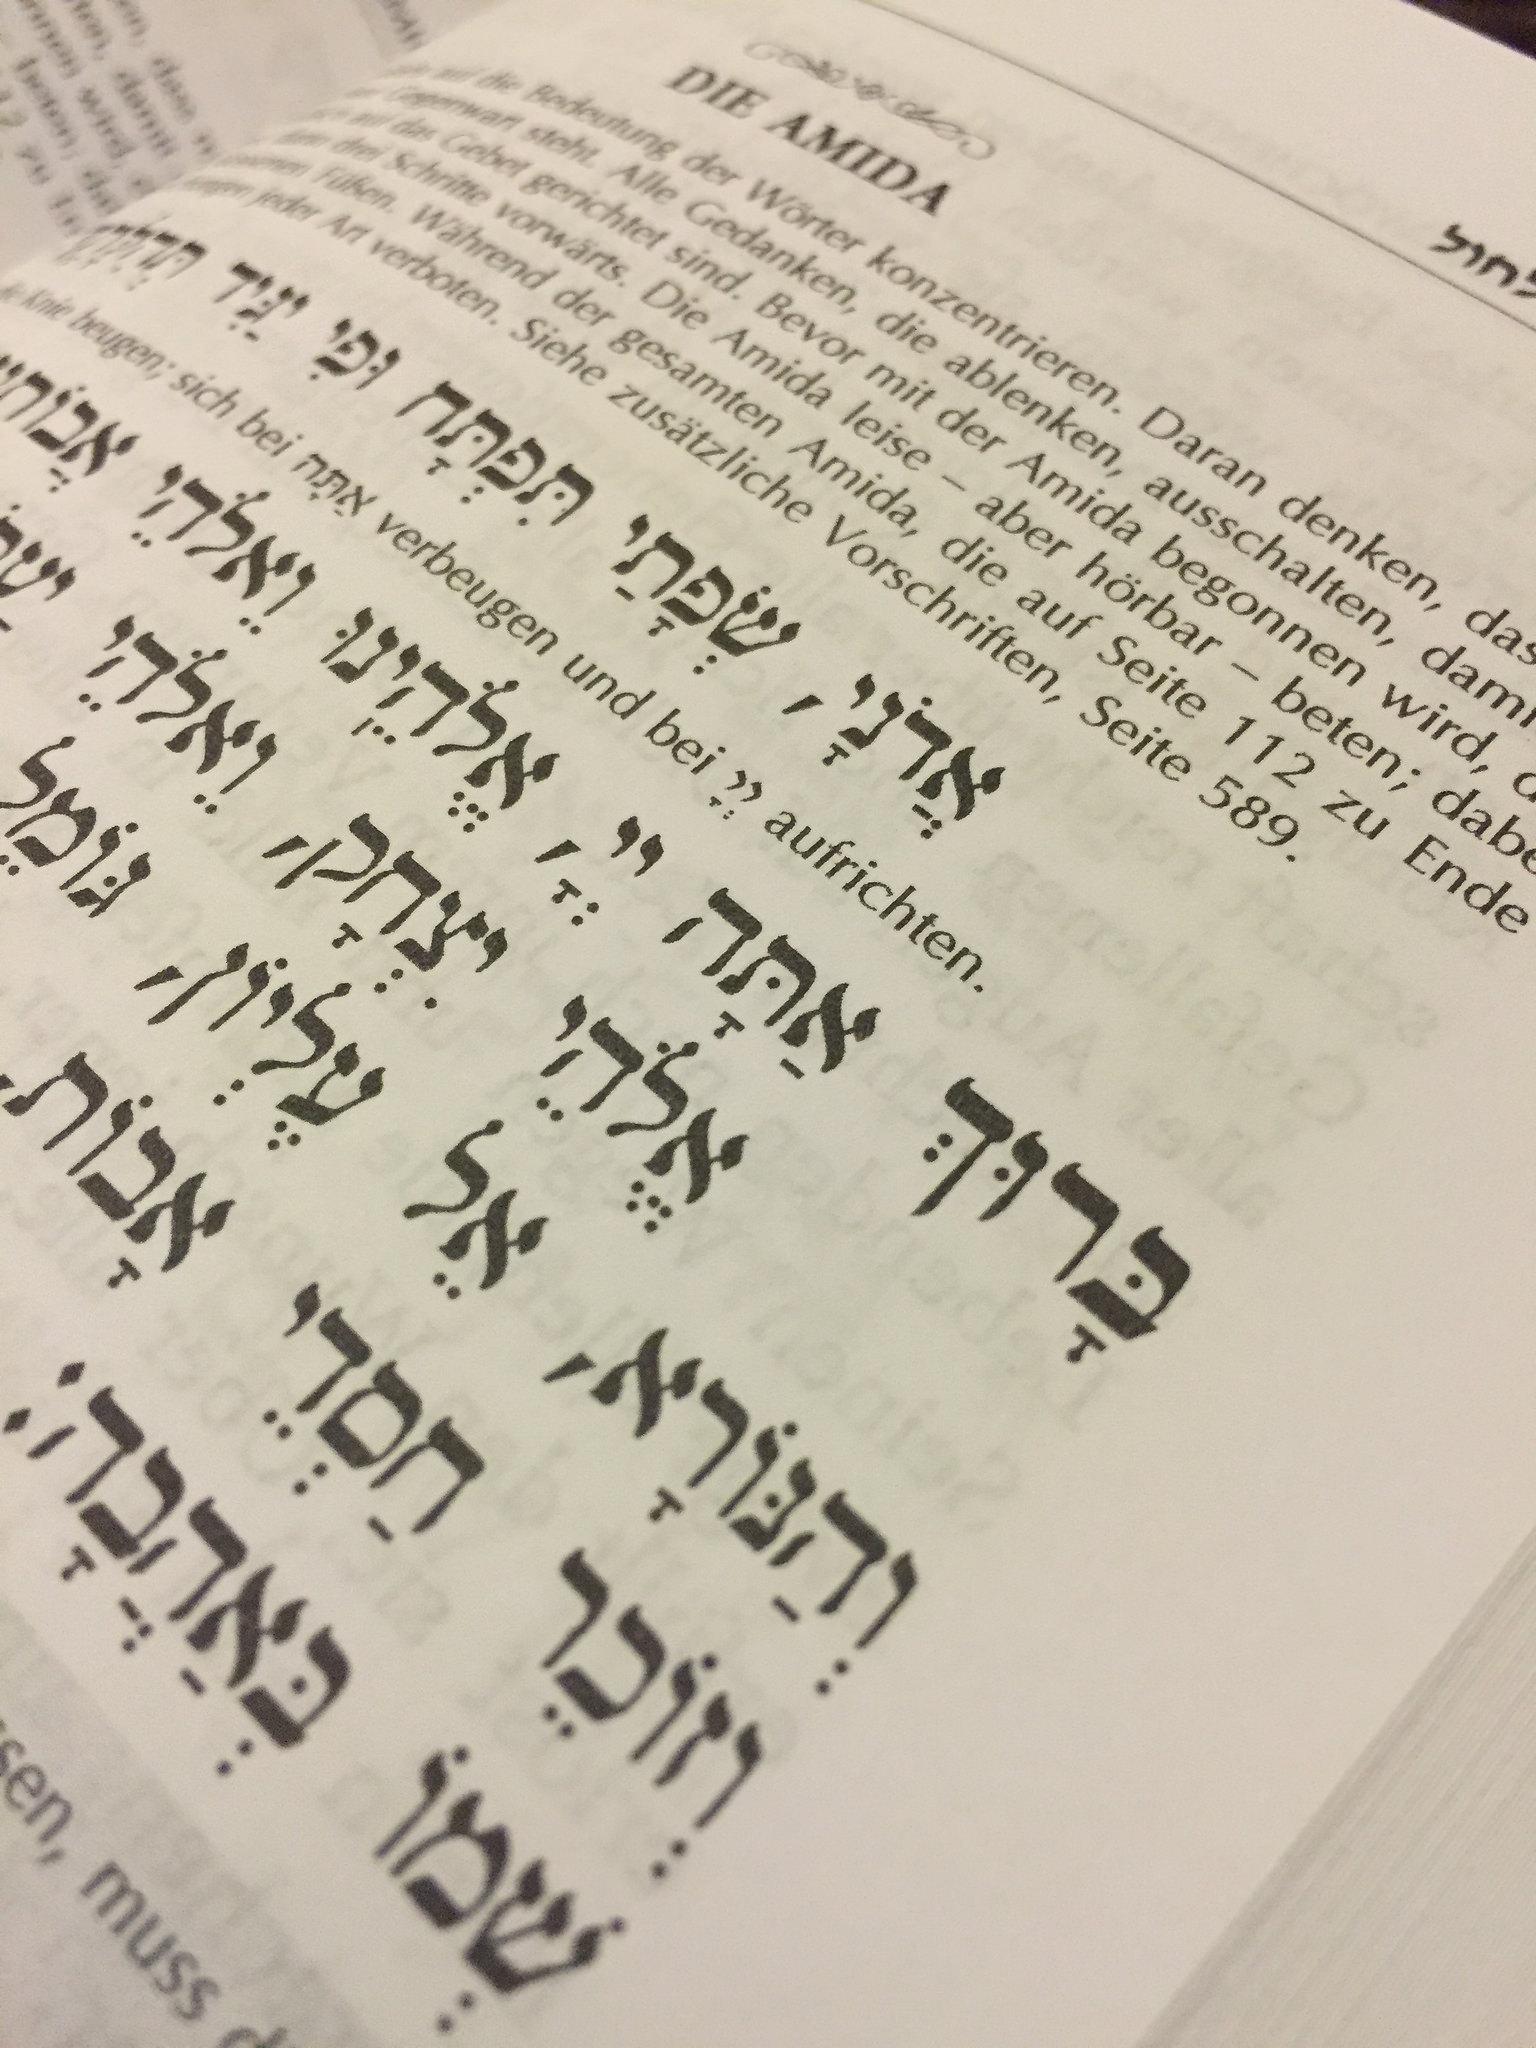 Siddur Tehillat HaSchem Detailansicht der Amidah